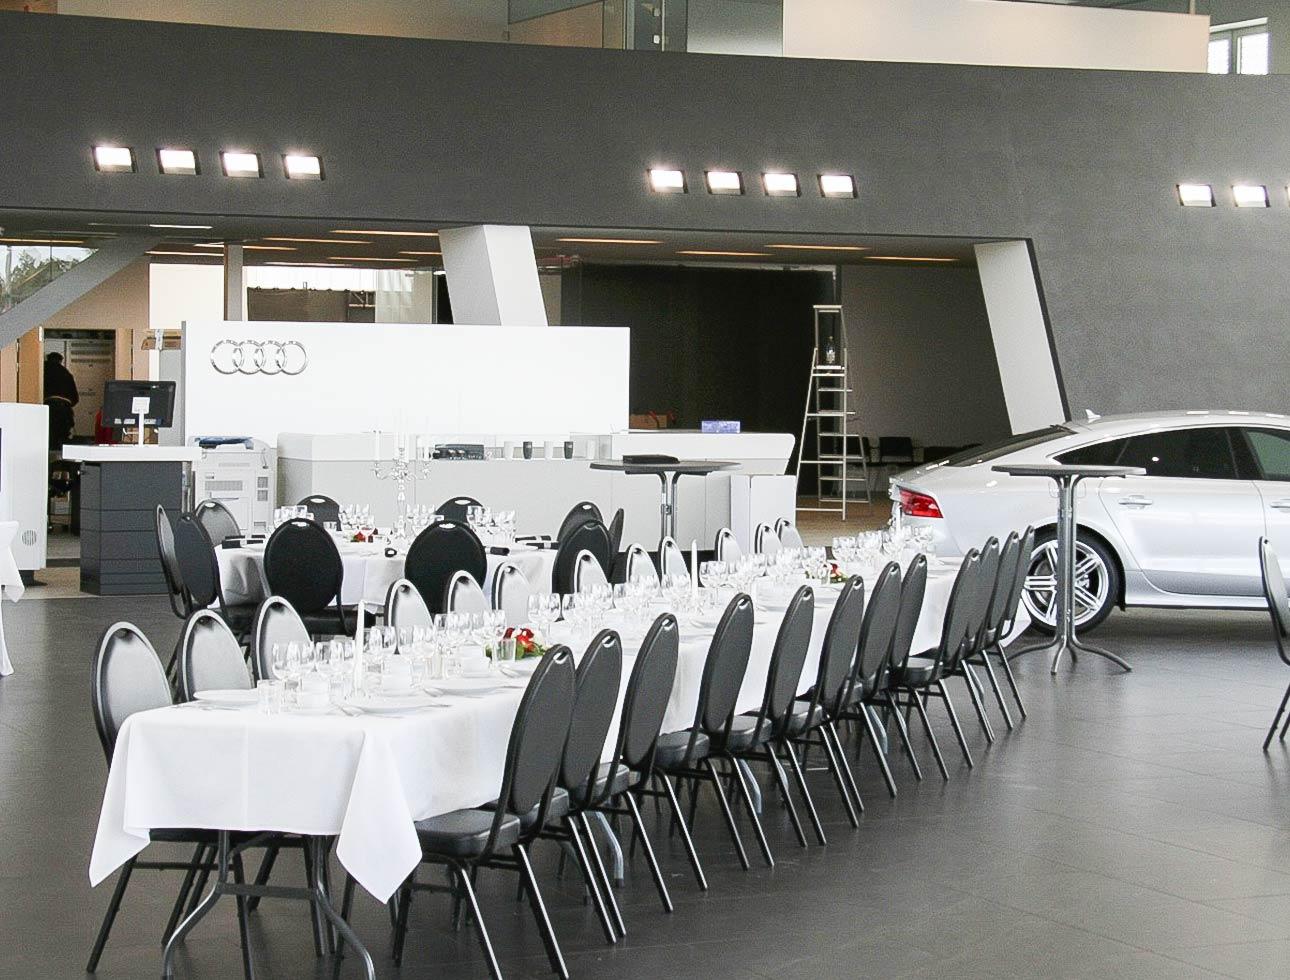 Kund som hyrt stolar och bord till invigning av sitt företag.